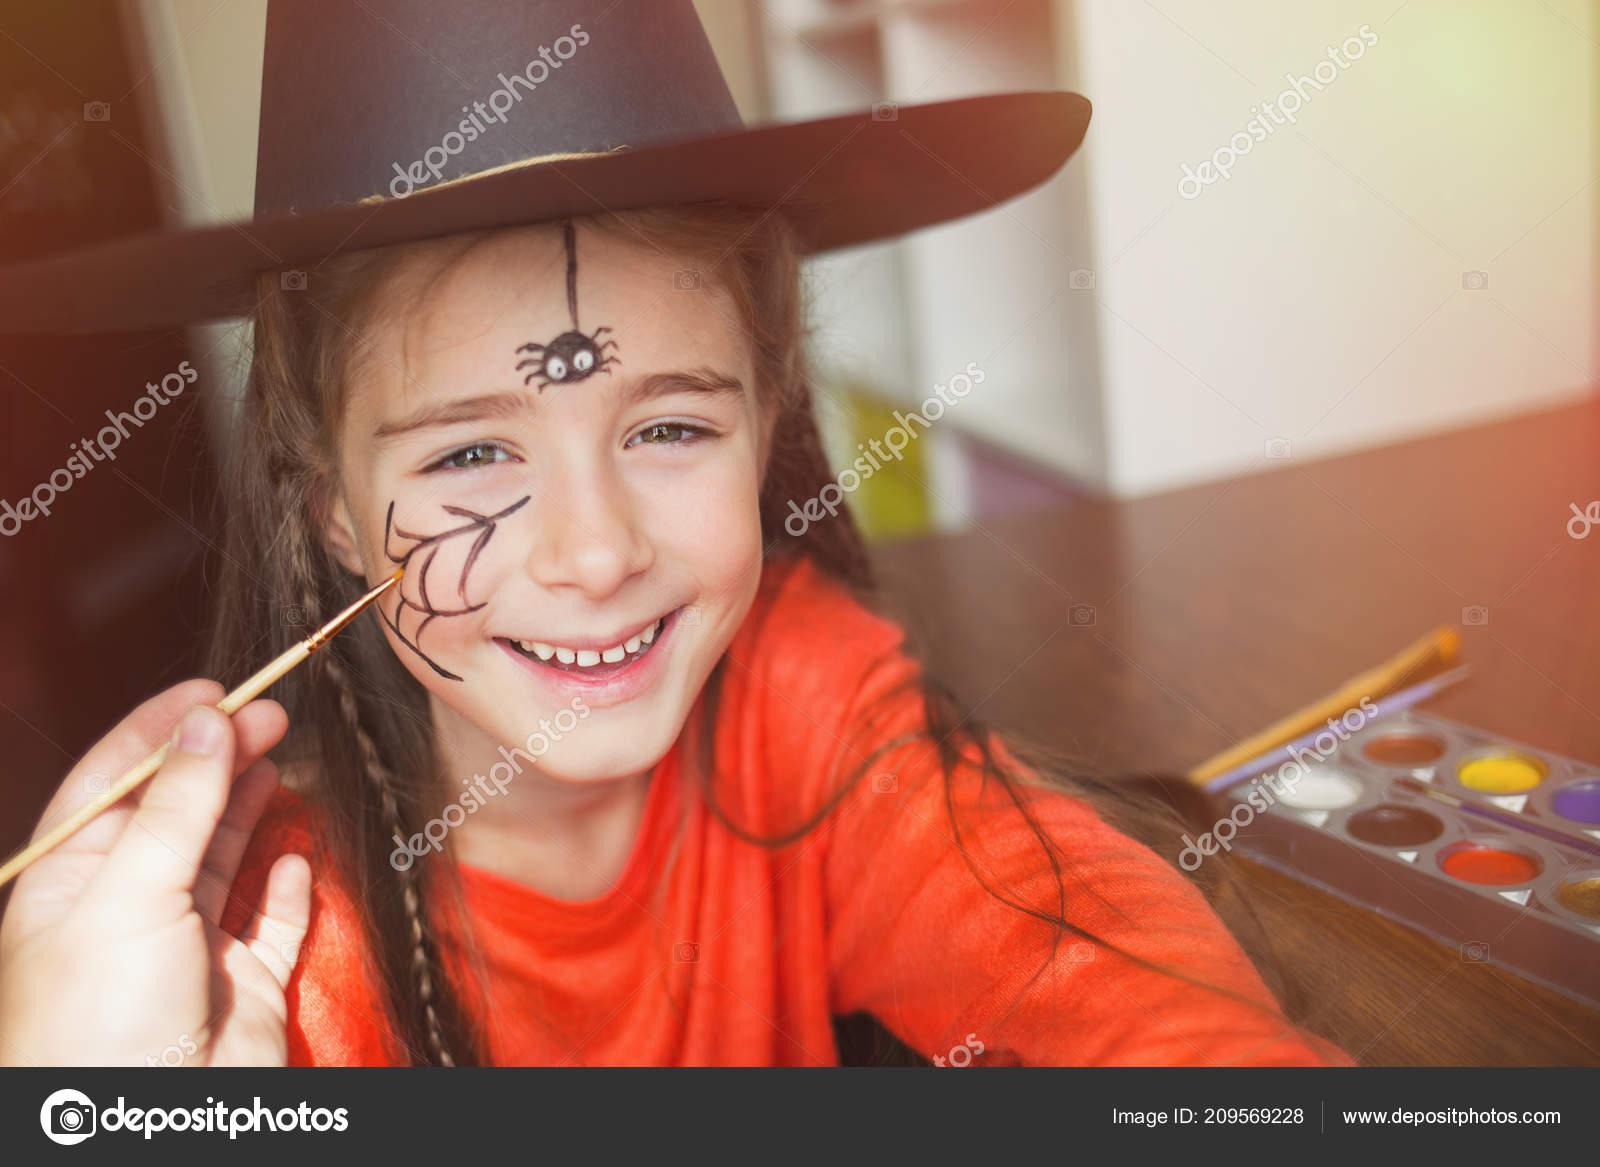 Cadılar Bayramı Kutlamaları Için Hazırlık çocuk Yüz Boyama Yaparken